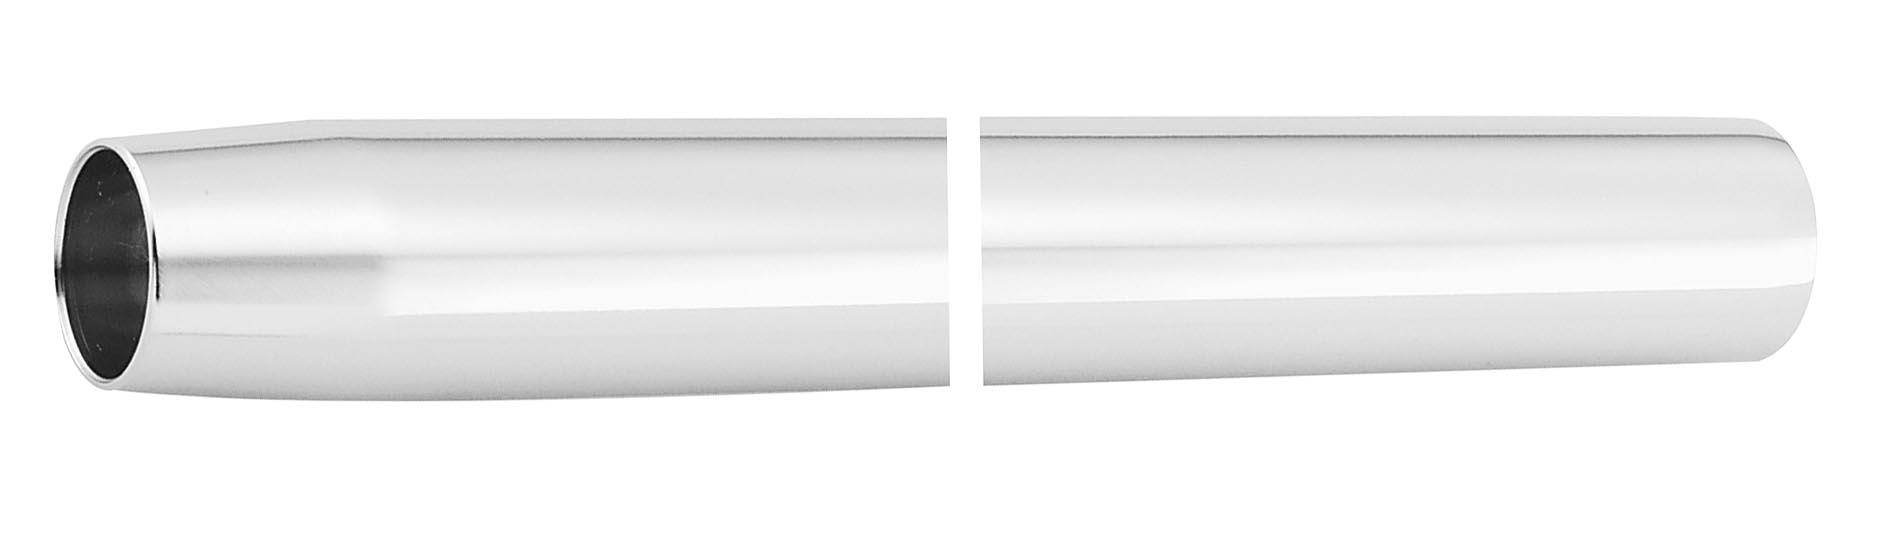 35mm Fork Tubes